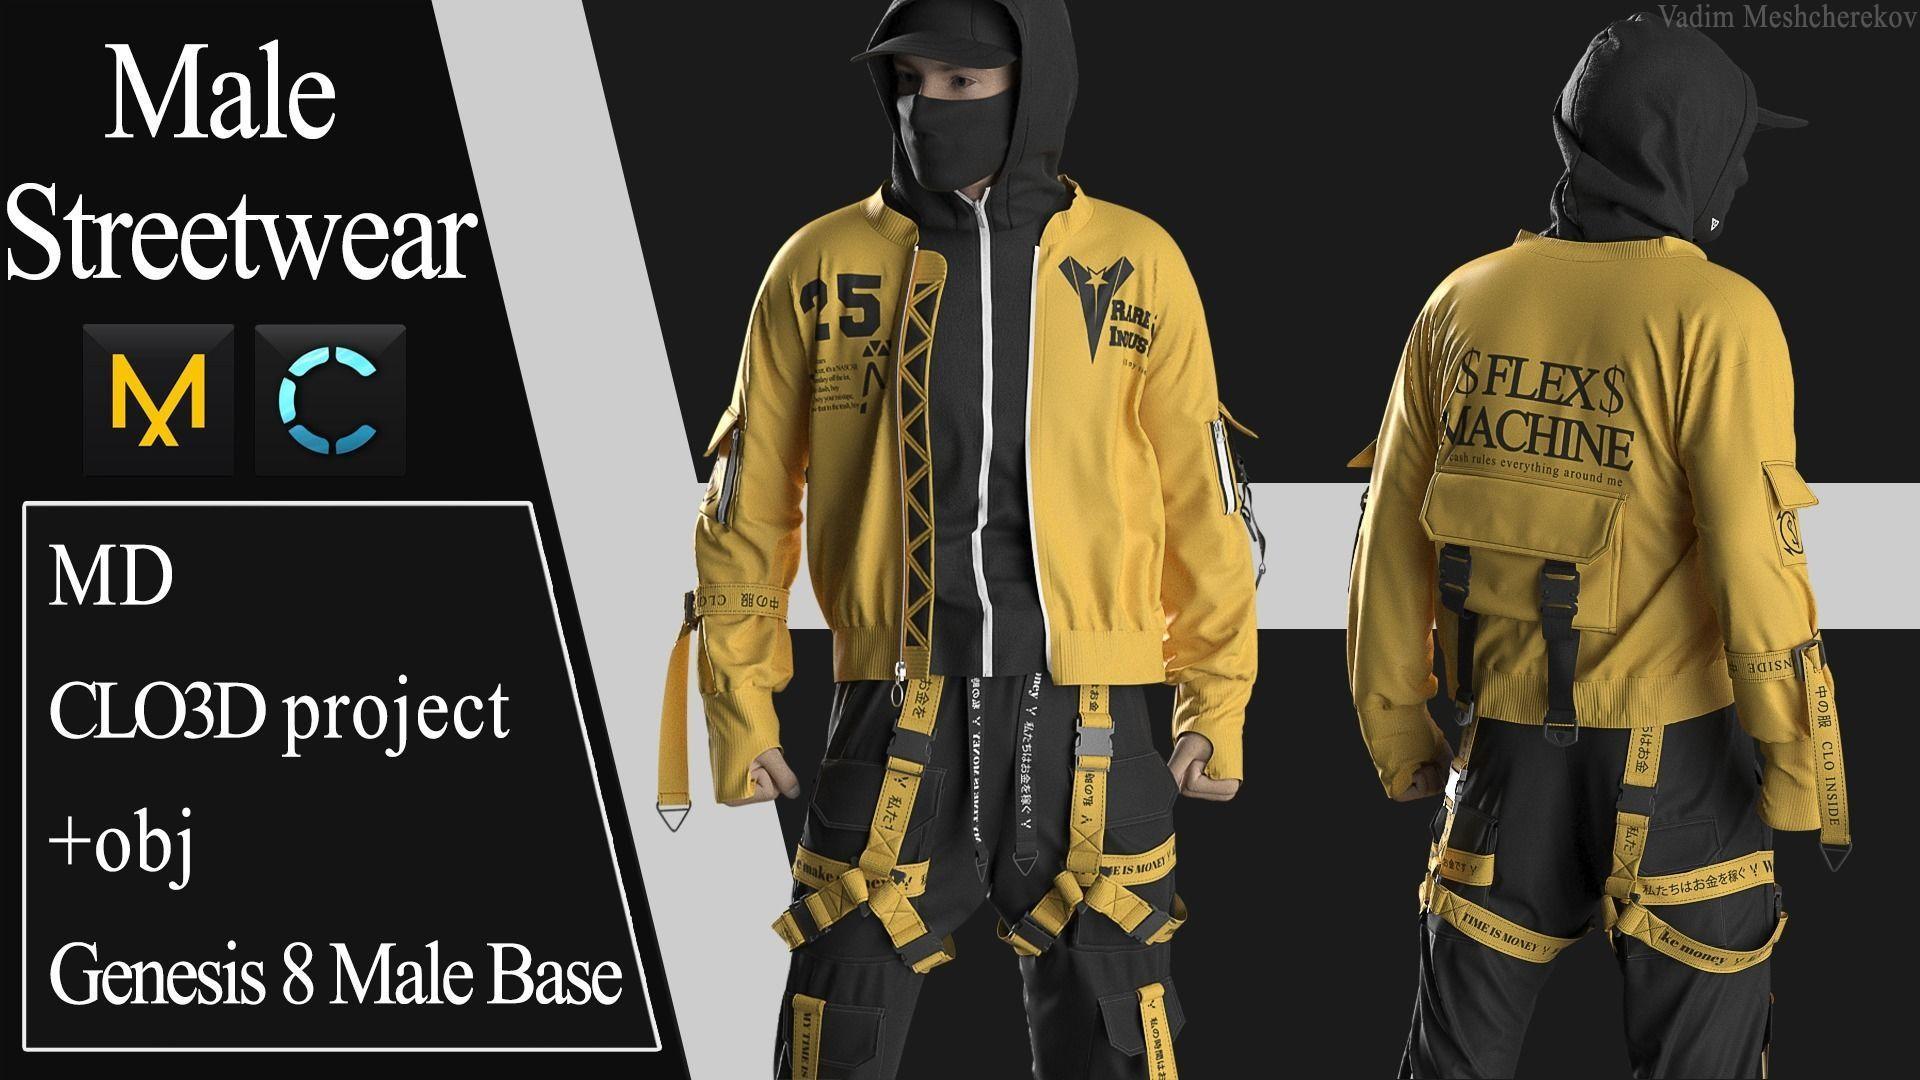 Male Streetwear 1